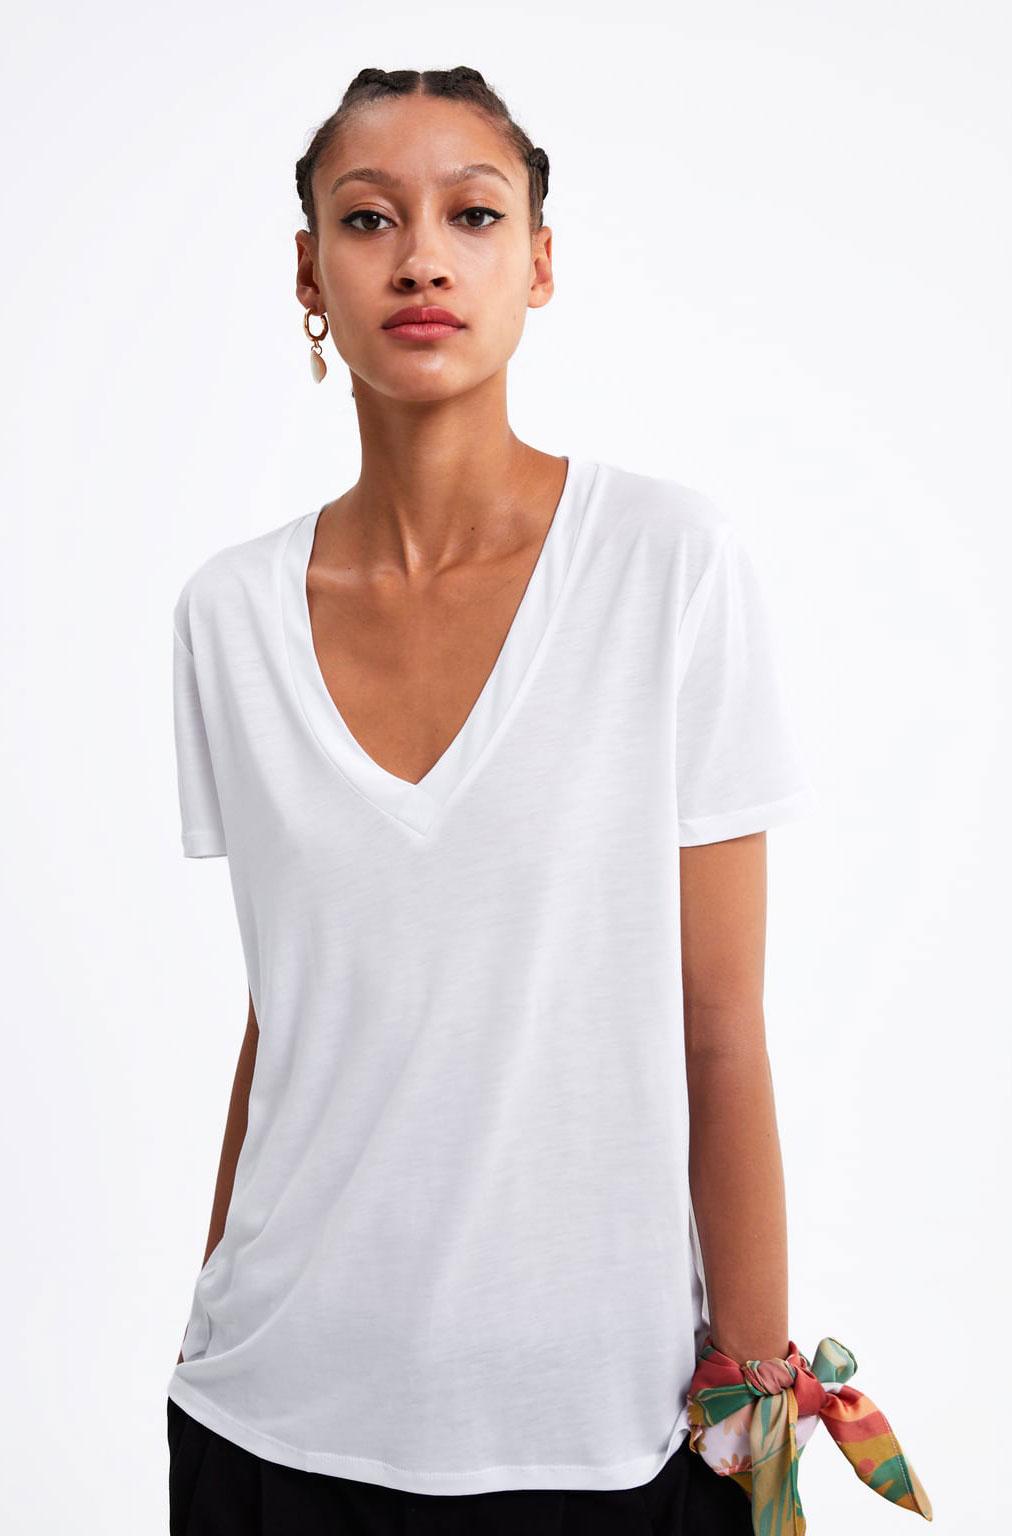 Zara White Tee   $19.90